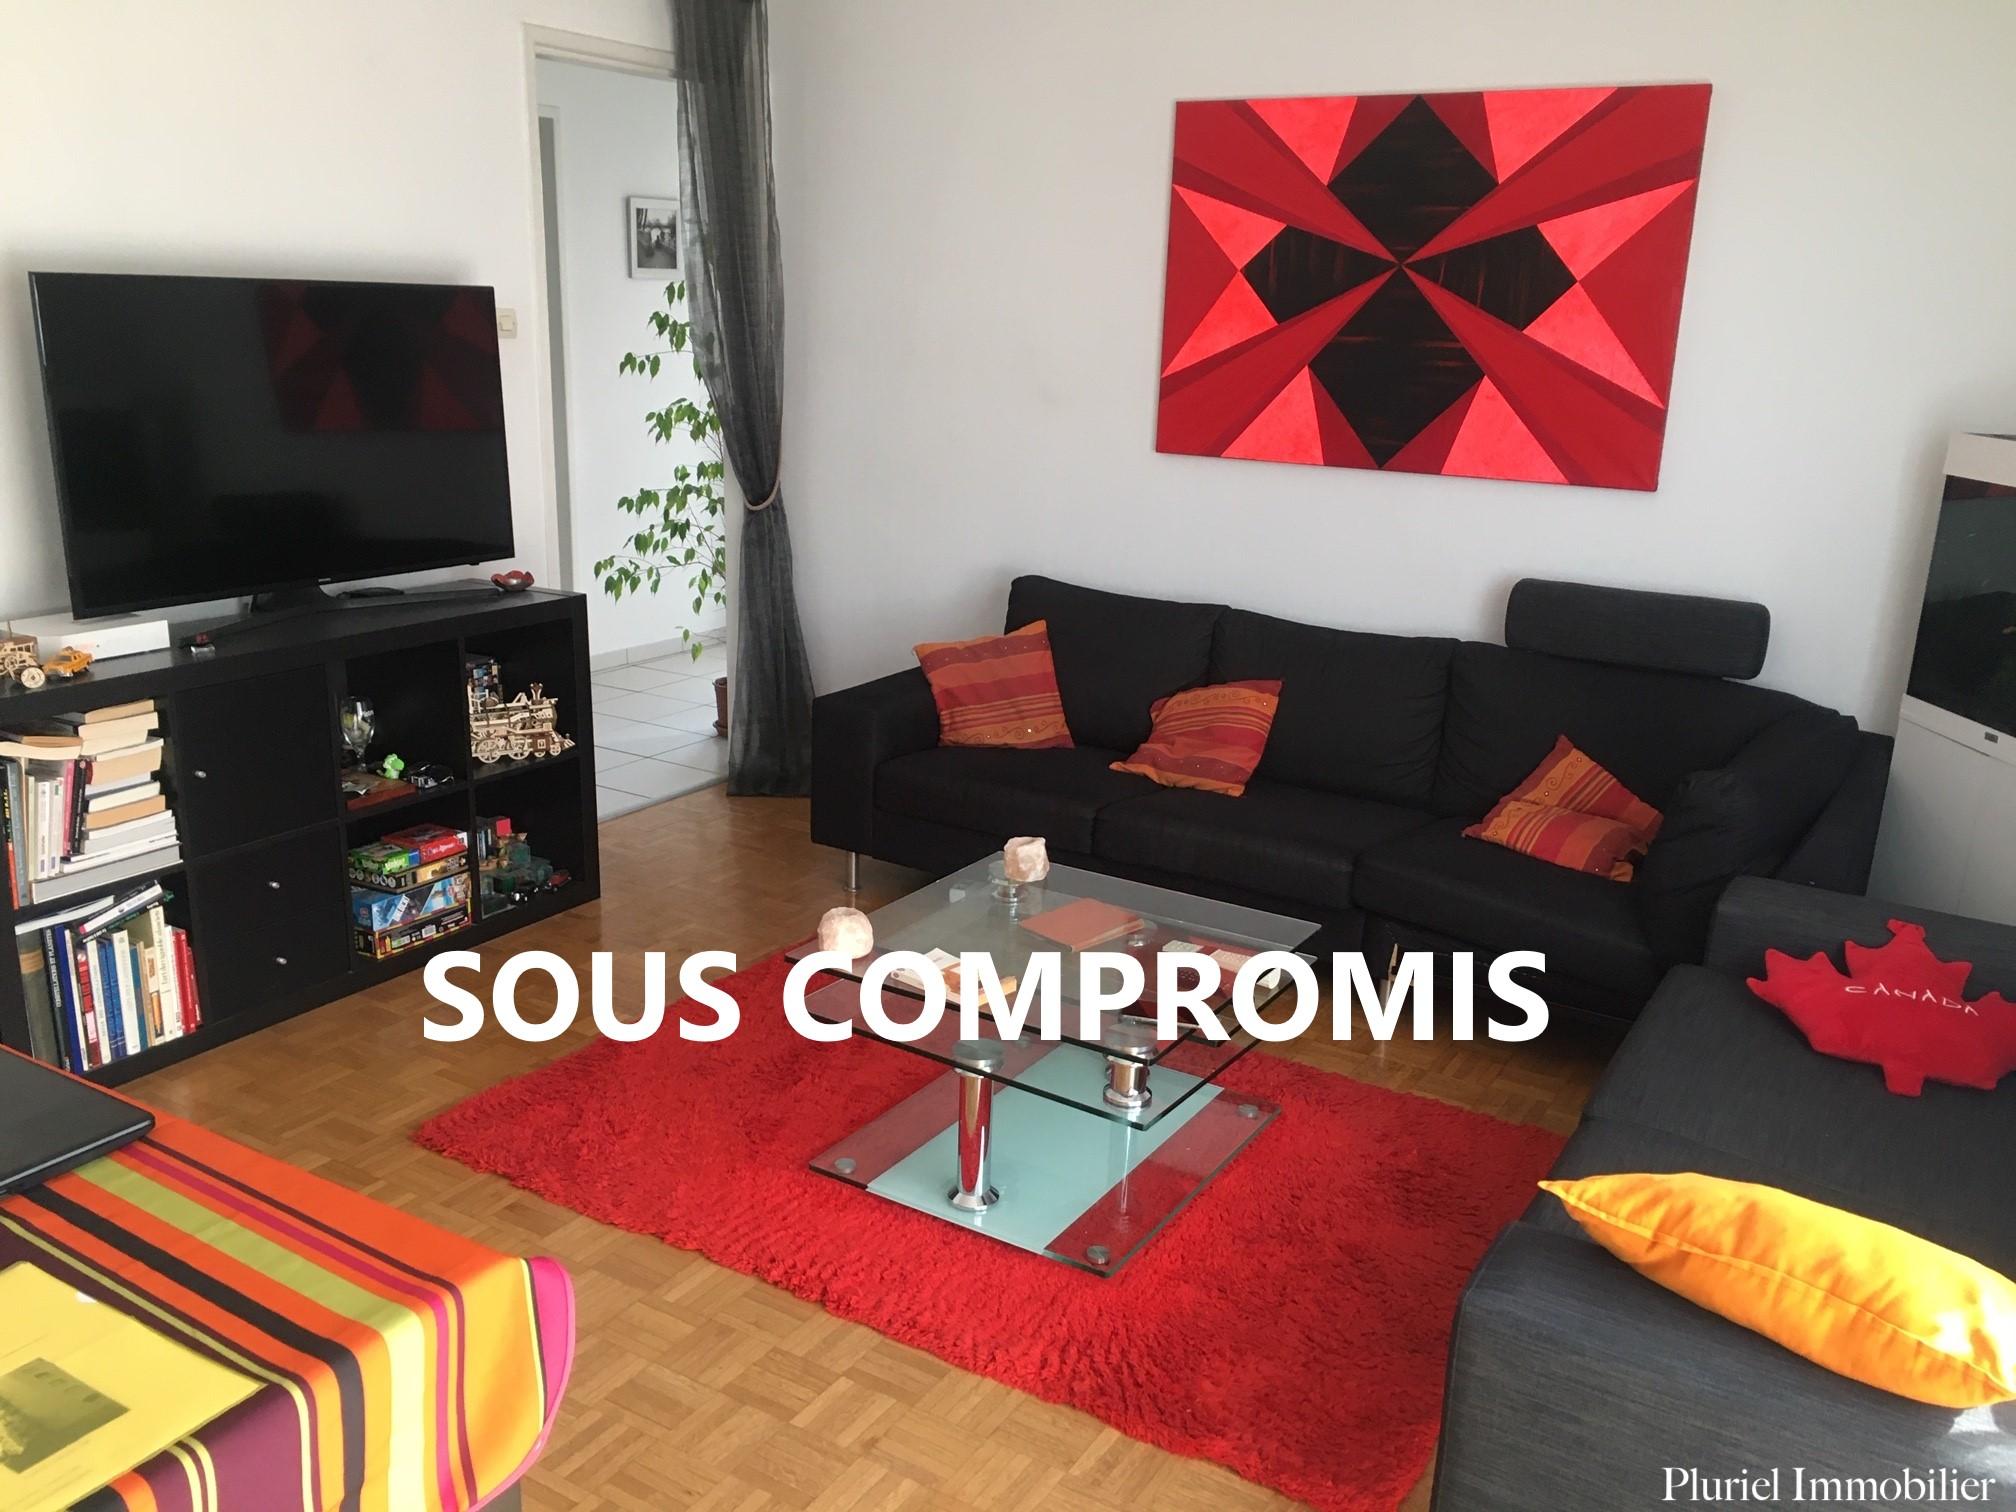 Sous compromis – Cronenbourg, Spacieux 3 pièces de 74 m2, balcon, ascenseur.